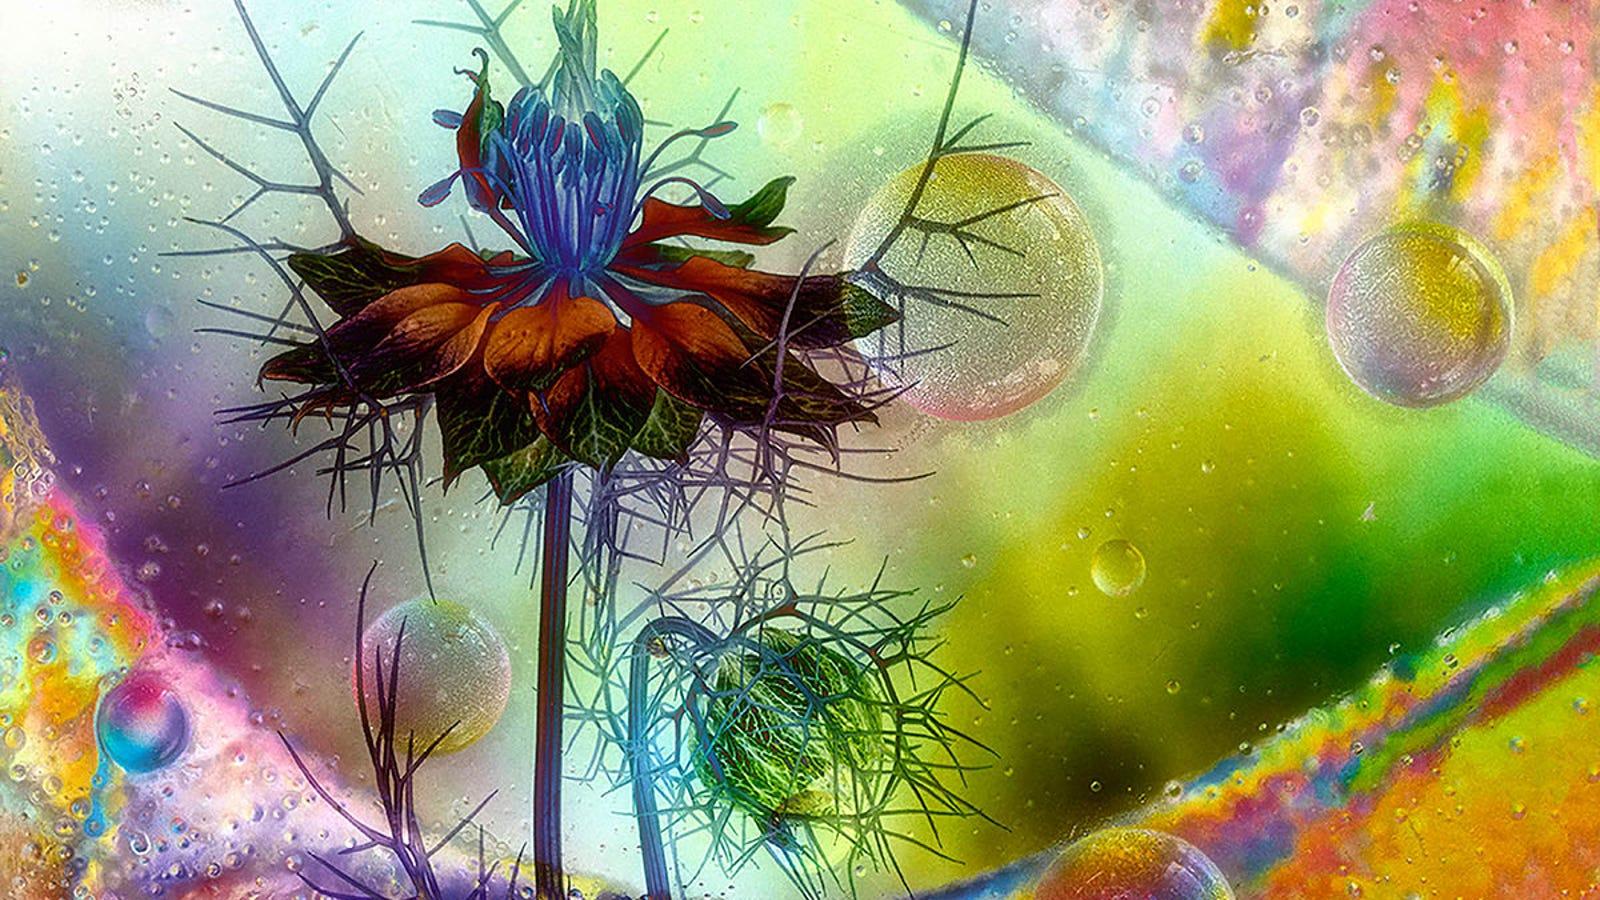 These Award-Winning Botanical Photos Belong in Alice in Wonderland